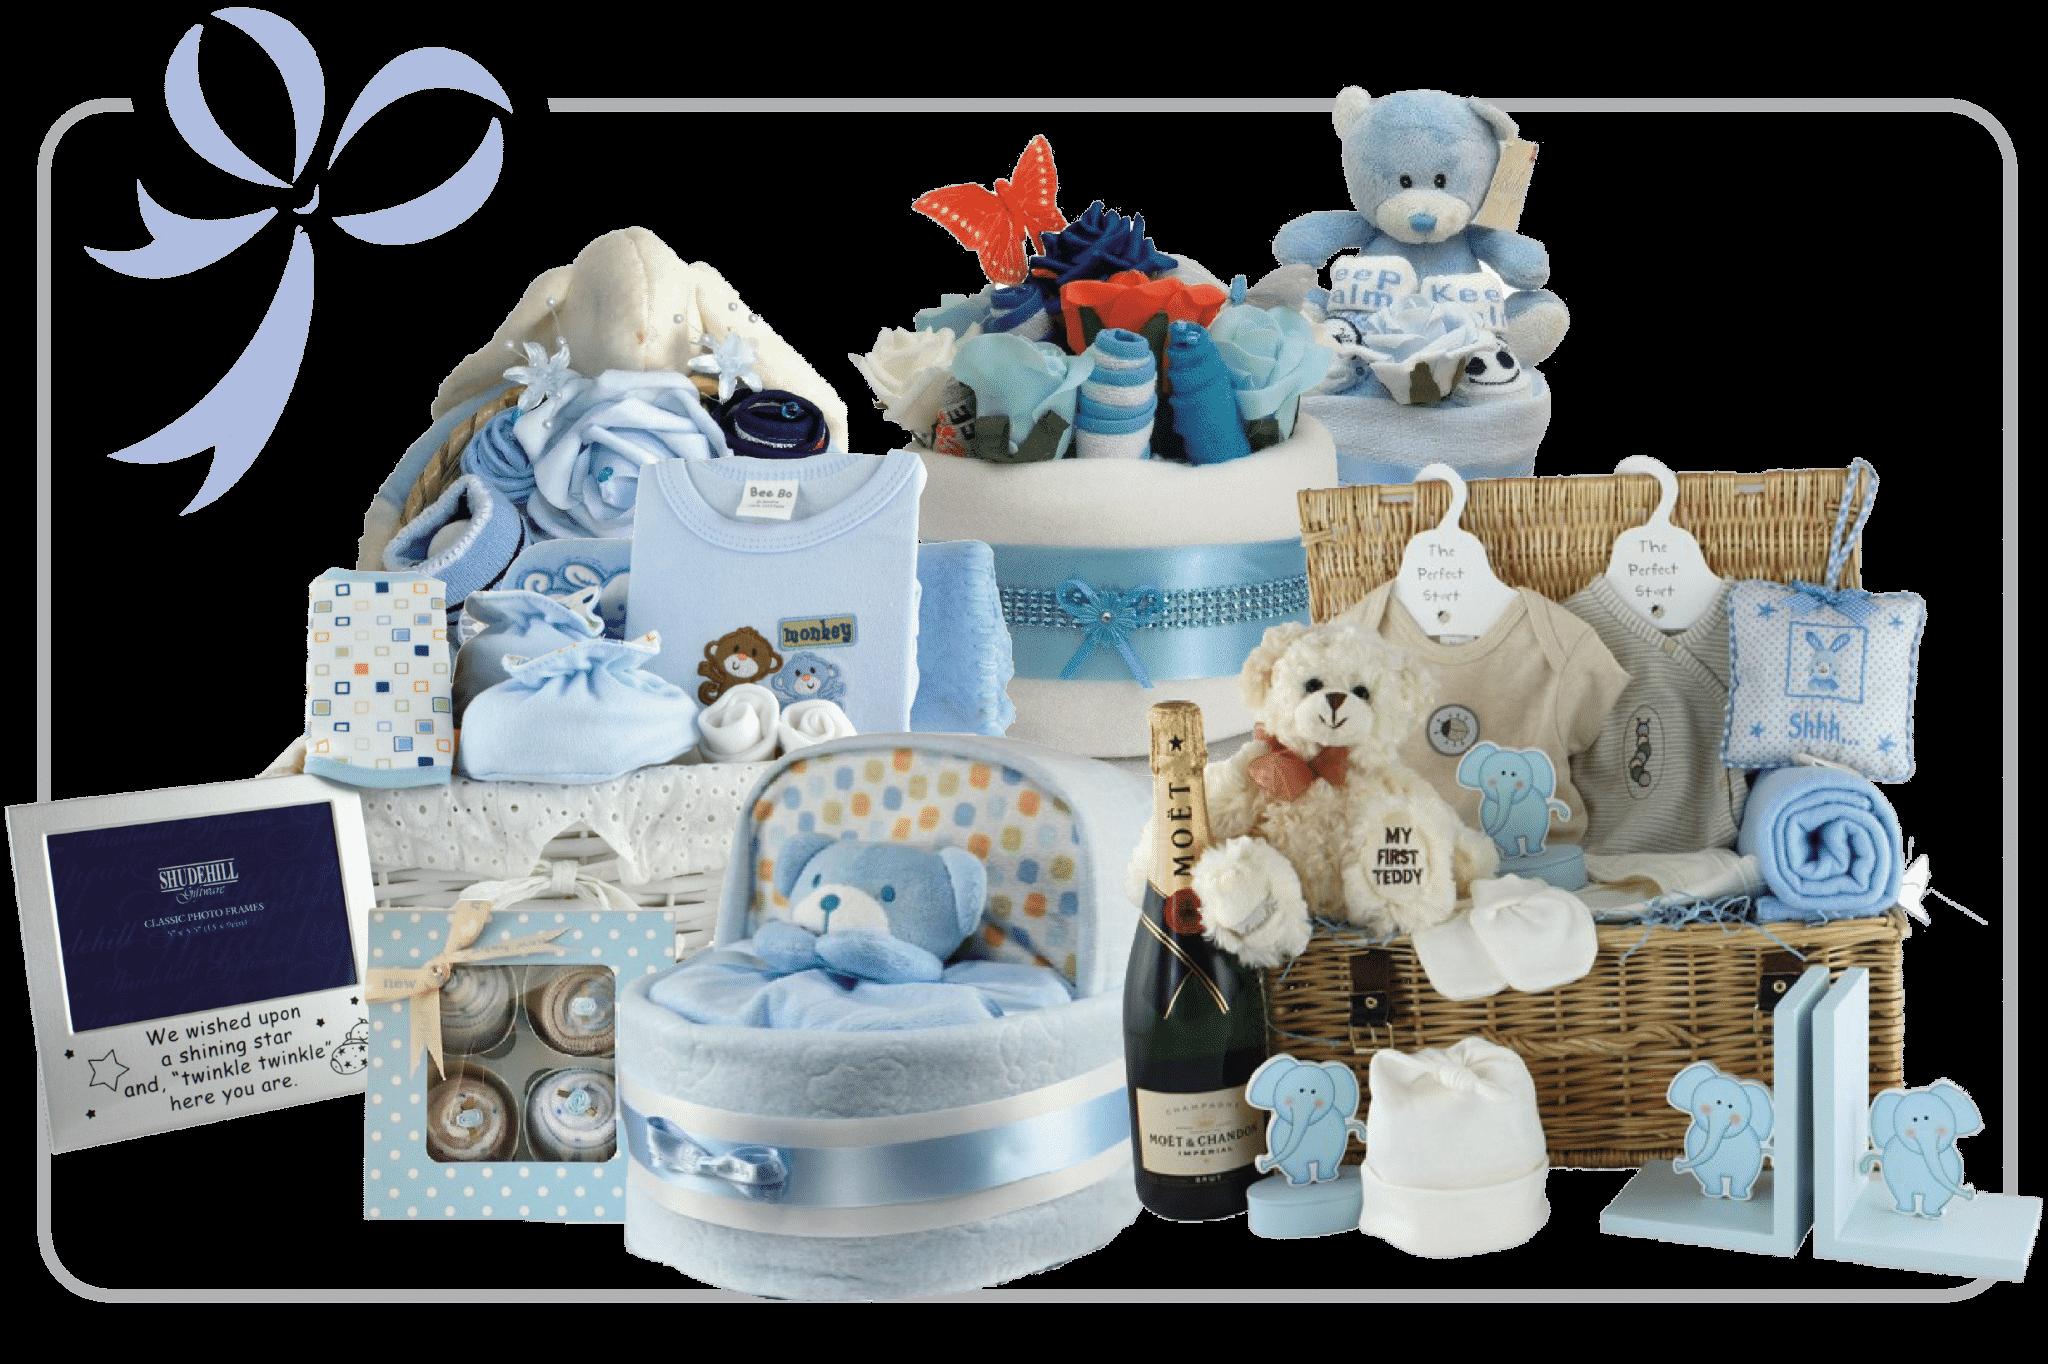 Newborn Baby Gift Hampers Uk : Baby hamper gift newborn gifts